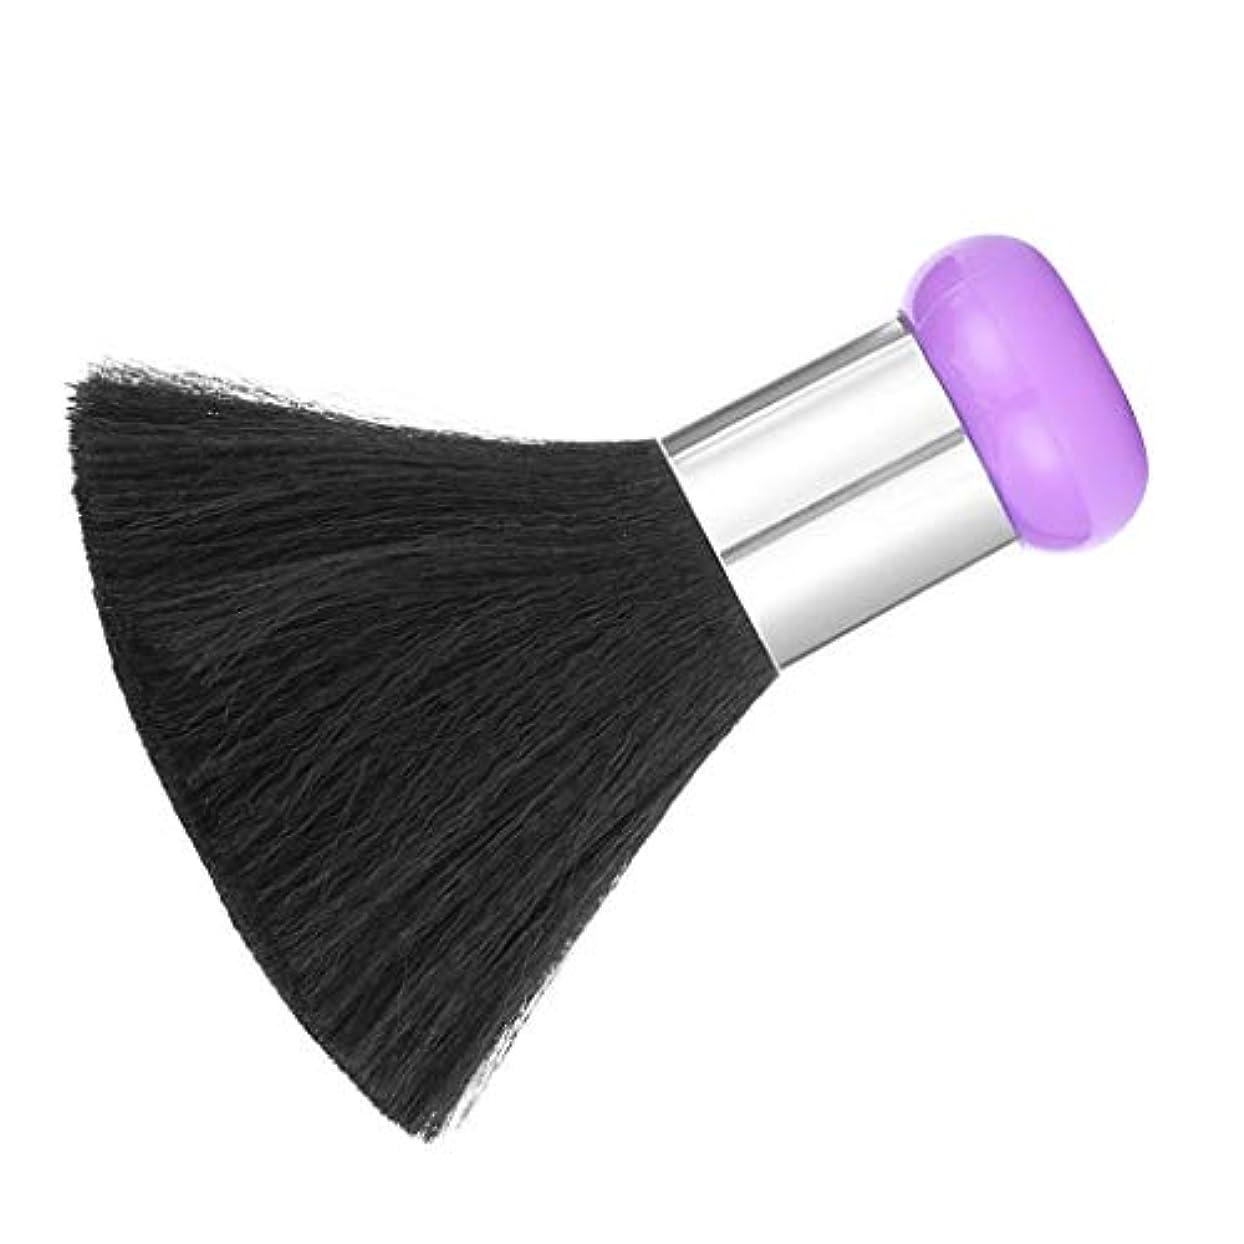 操縦する虚弱誕生ヘアカットヘアカットブラシネックダスタークリーニングヘアブラシサロンバーバーツール - 紫